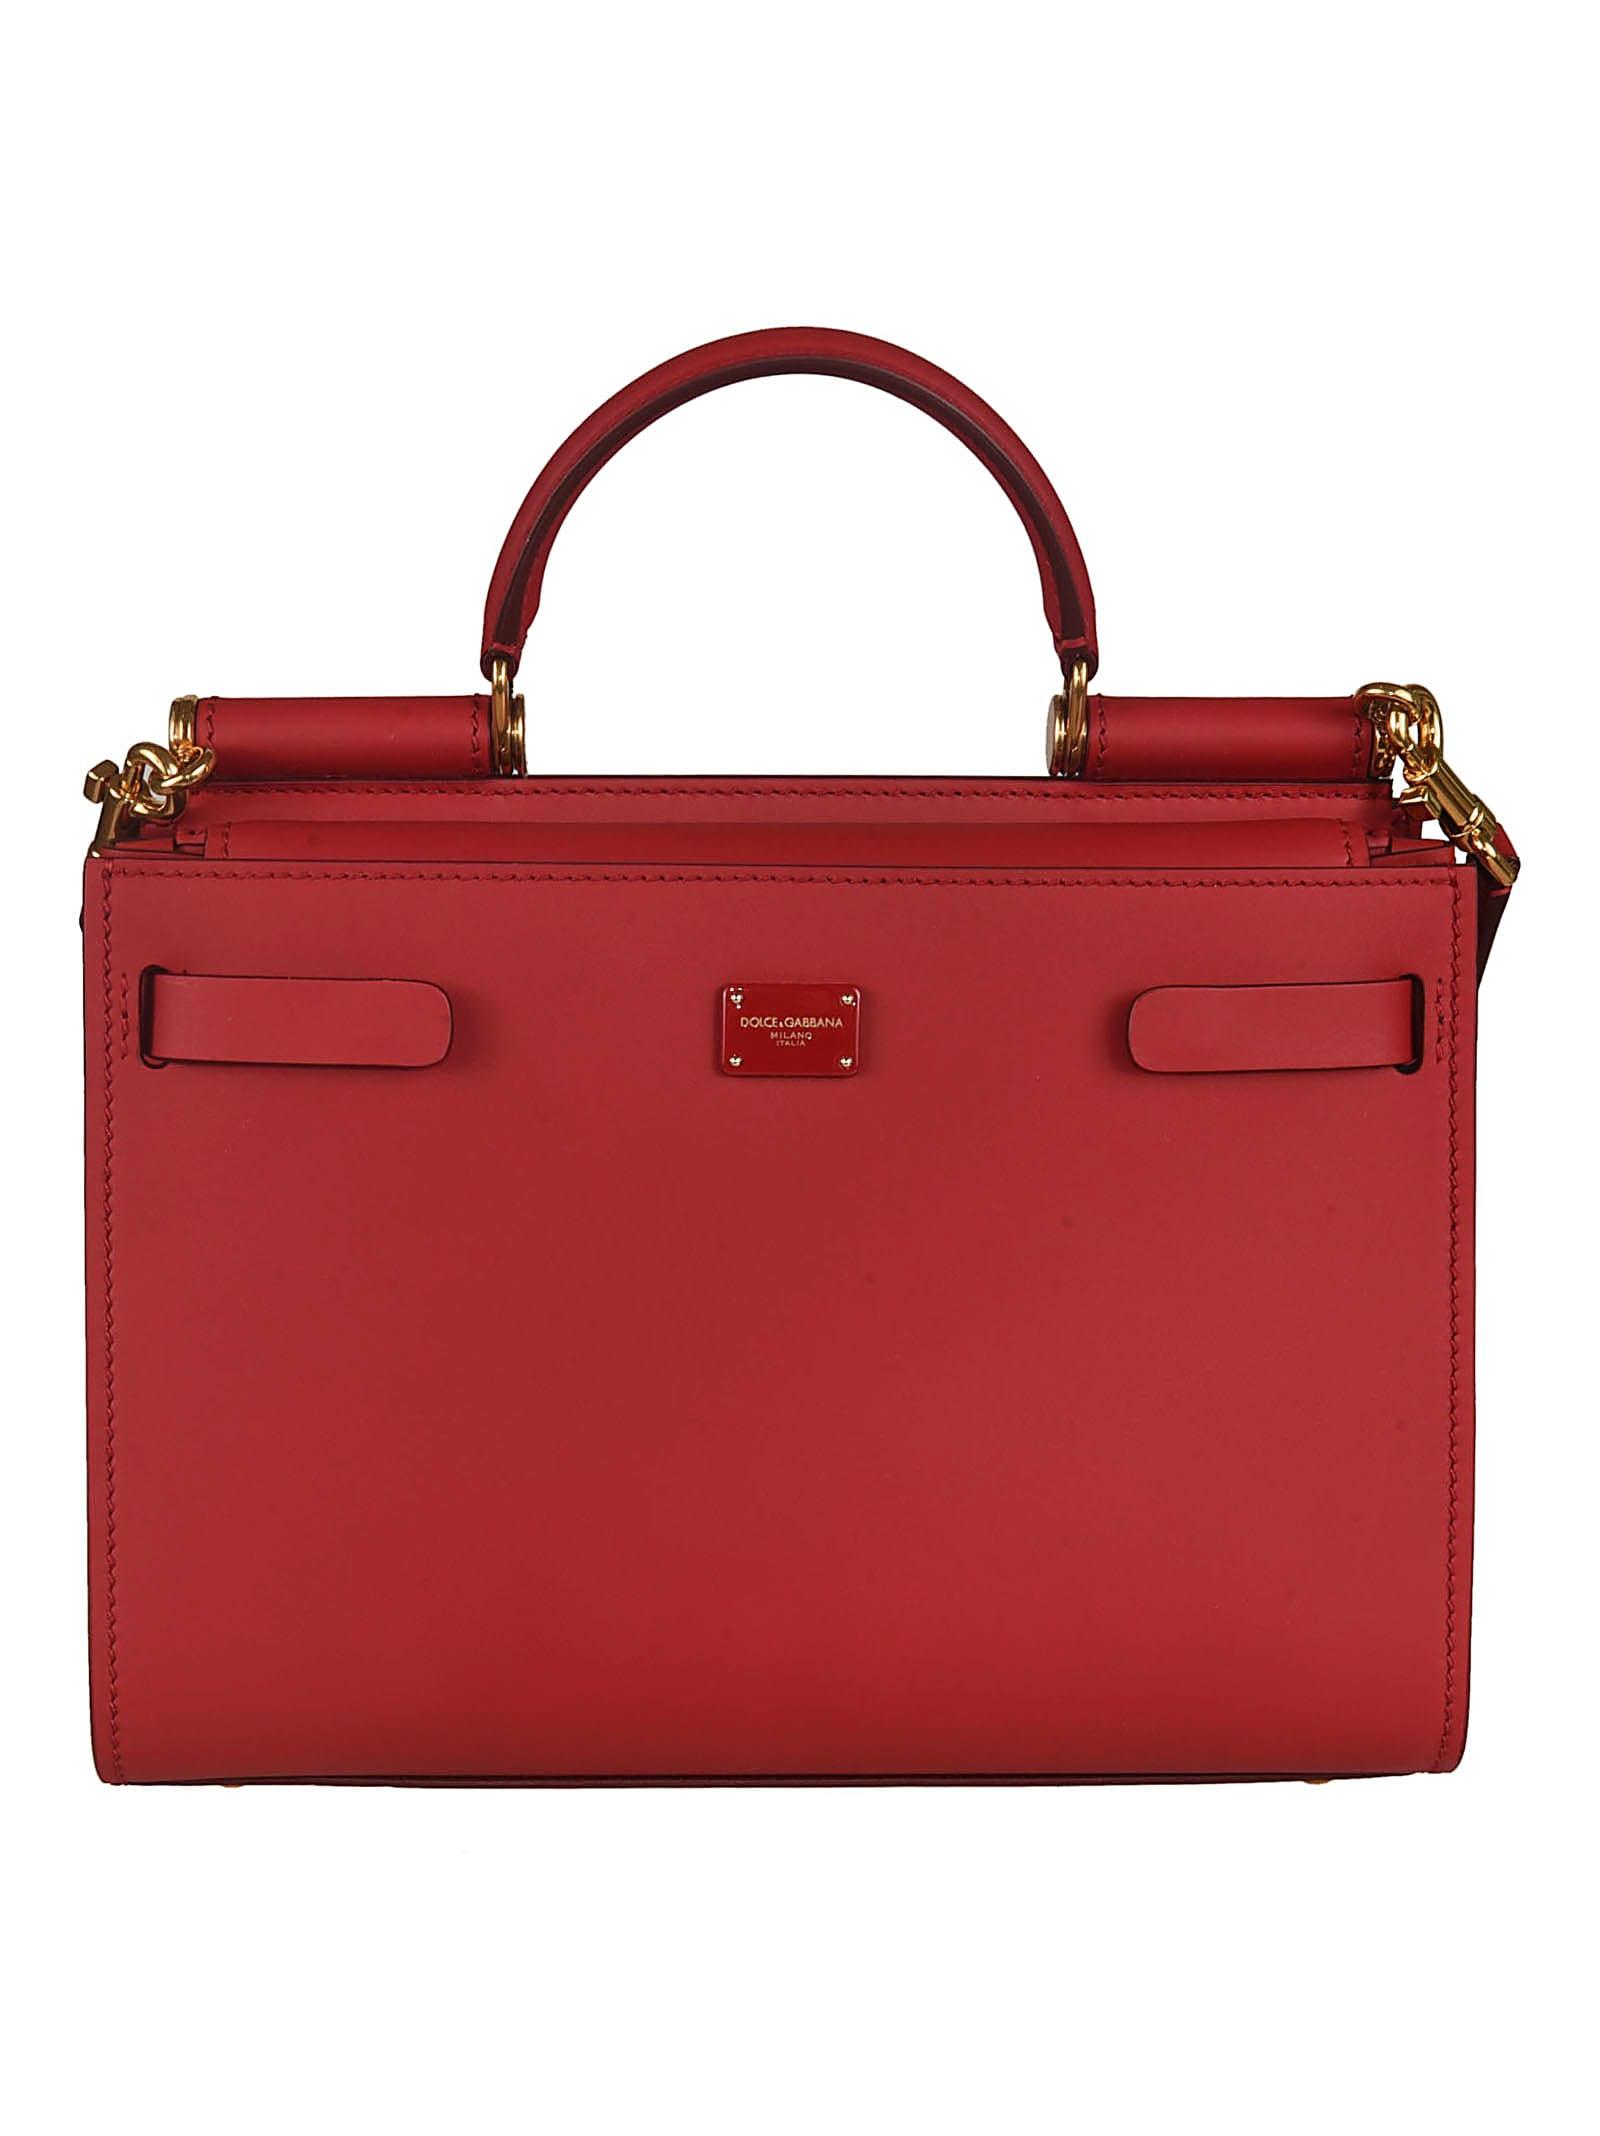 Dolce & Gabbana Sicily Small Shoulder Bag